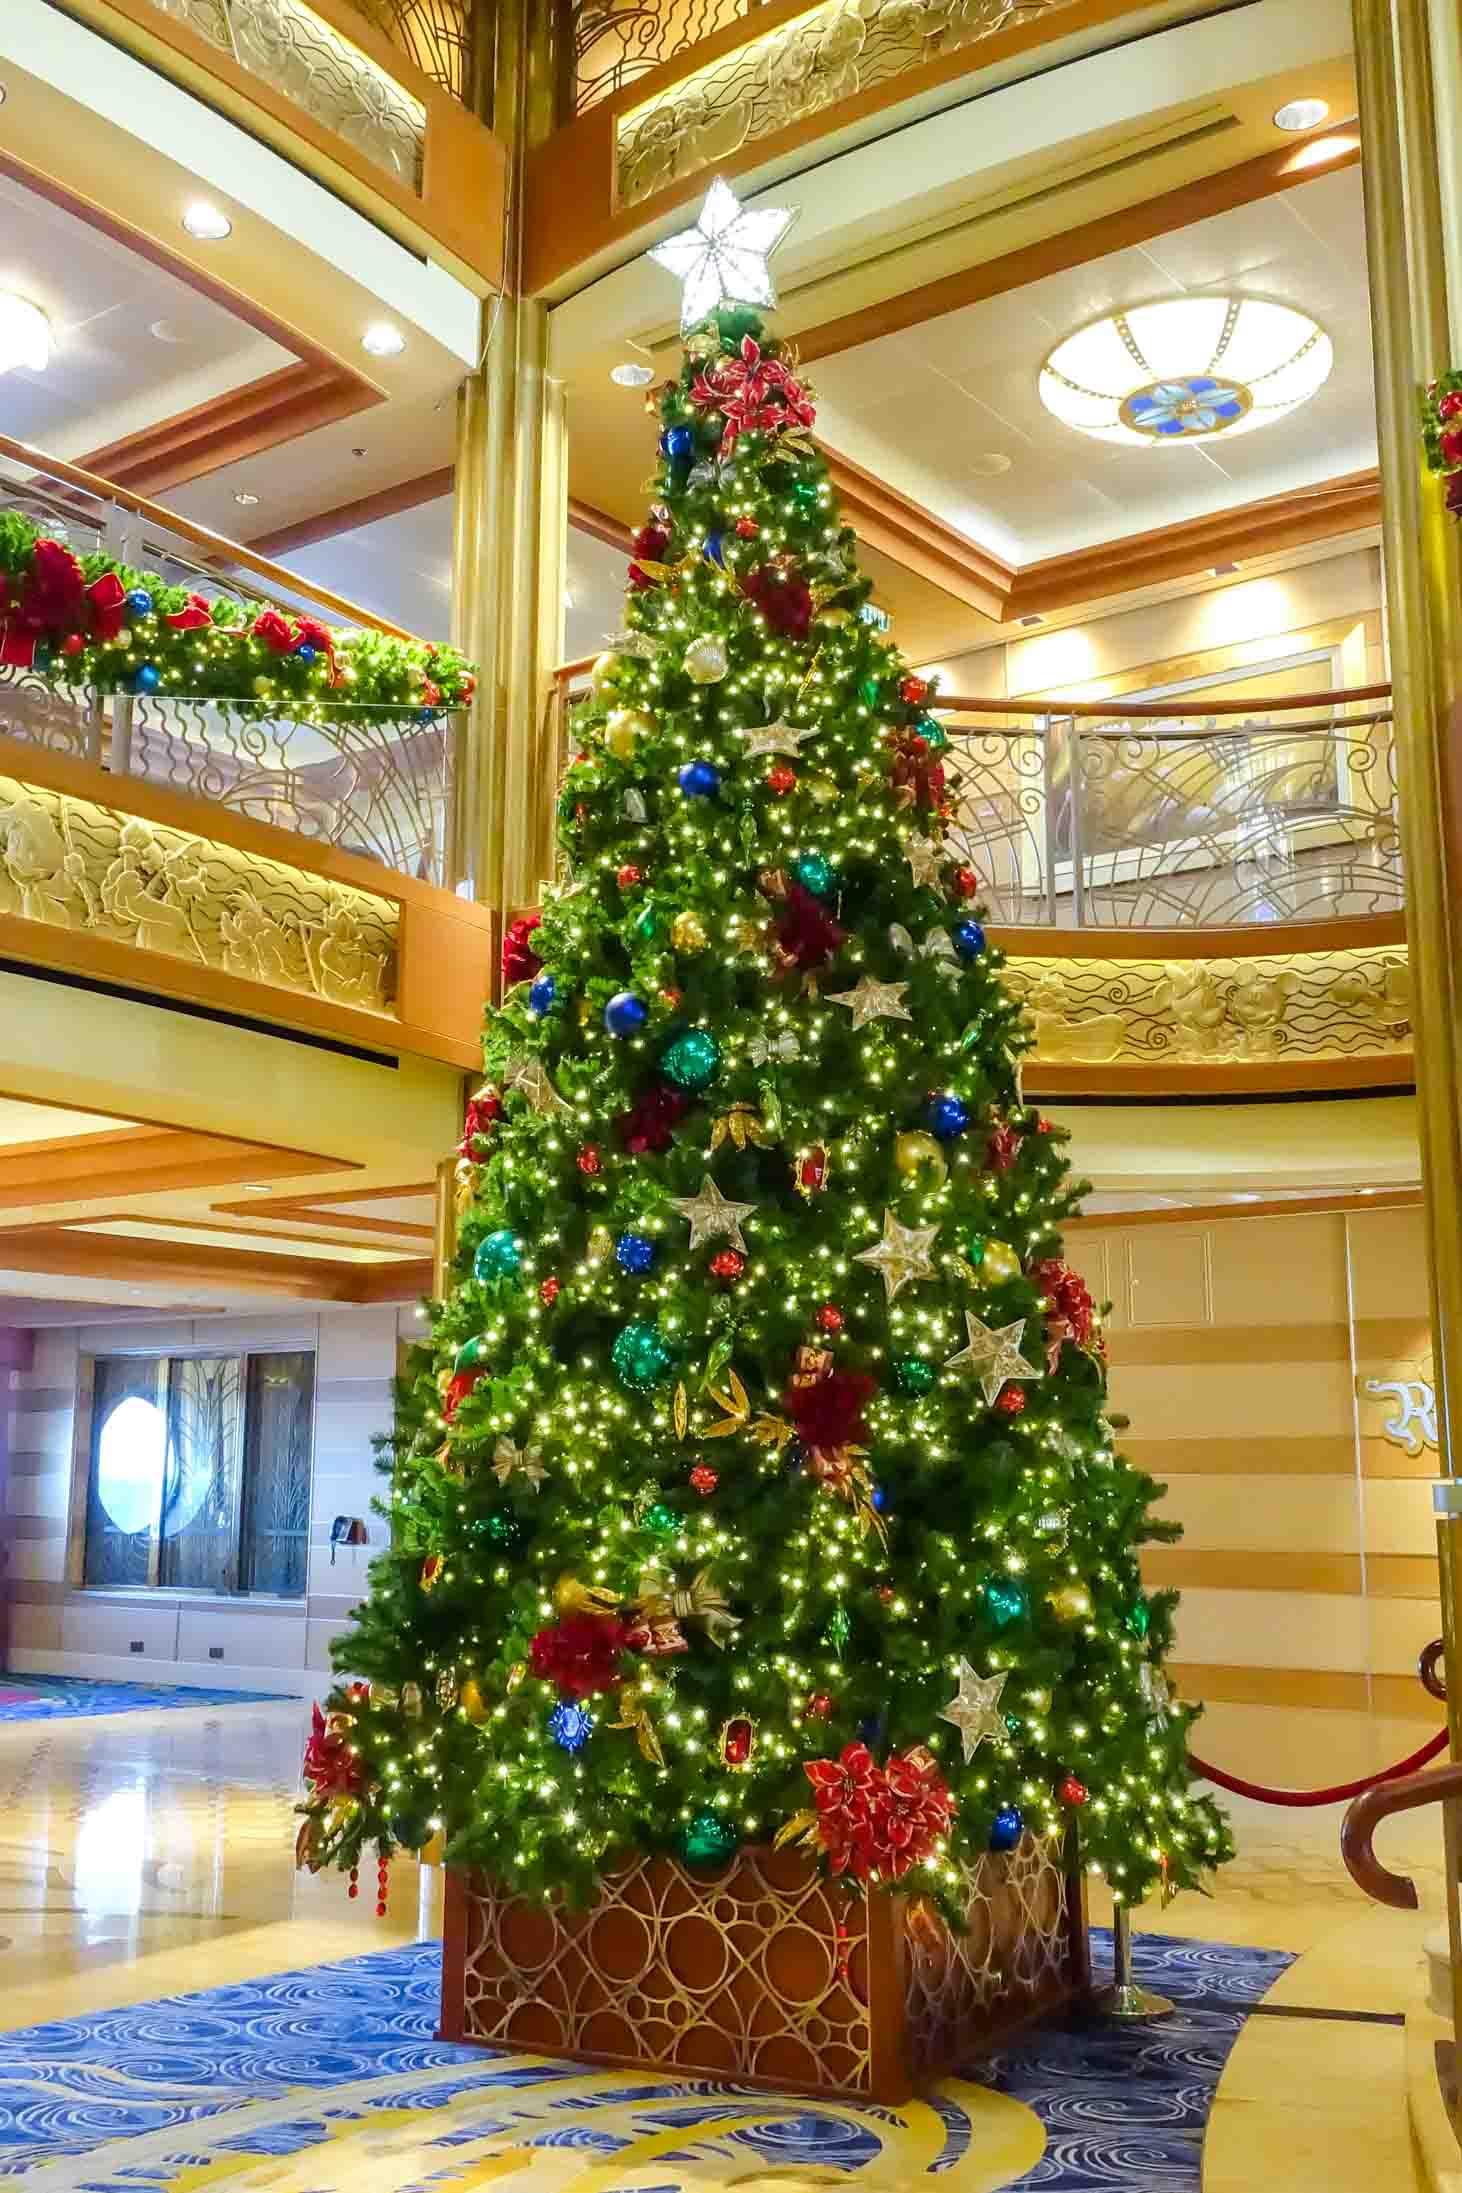 Large Christmas Tree on Disney cruise boat